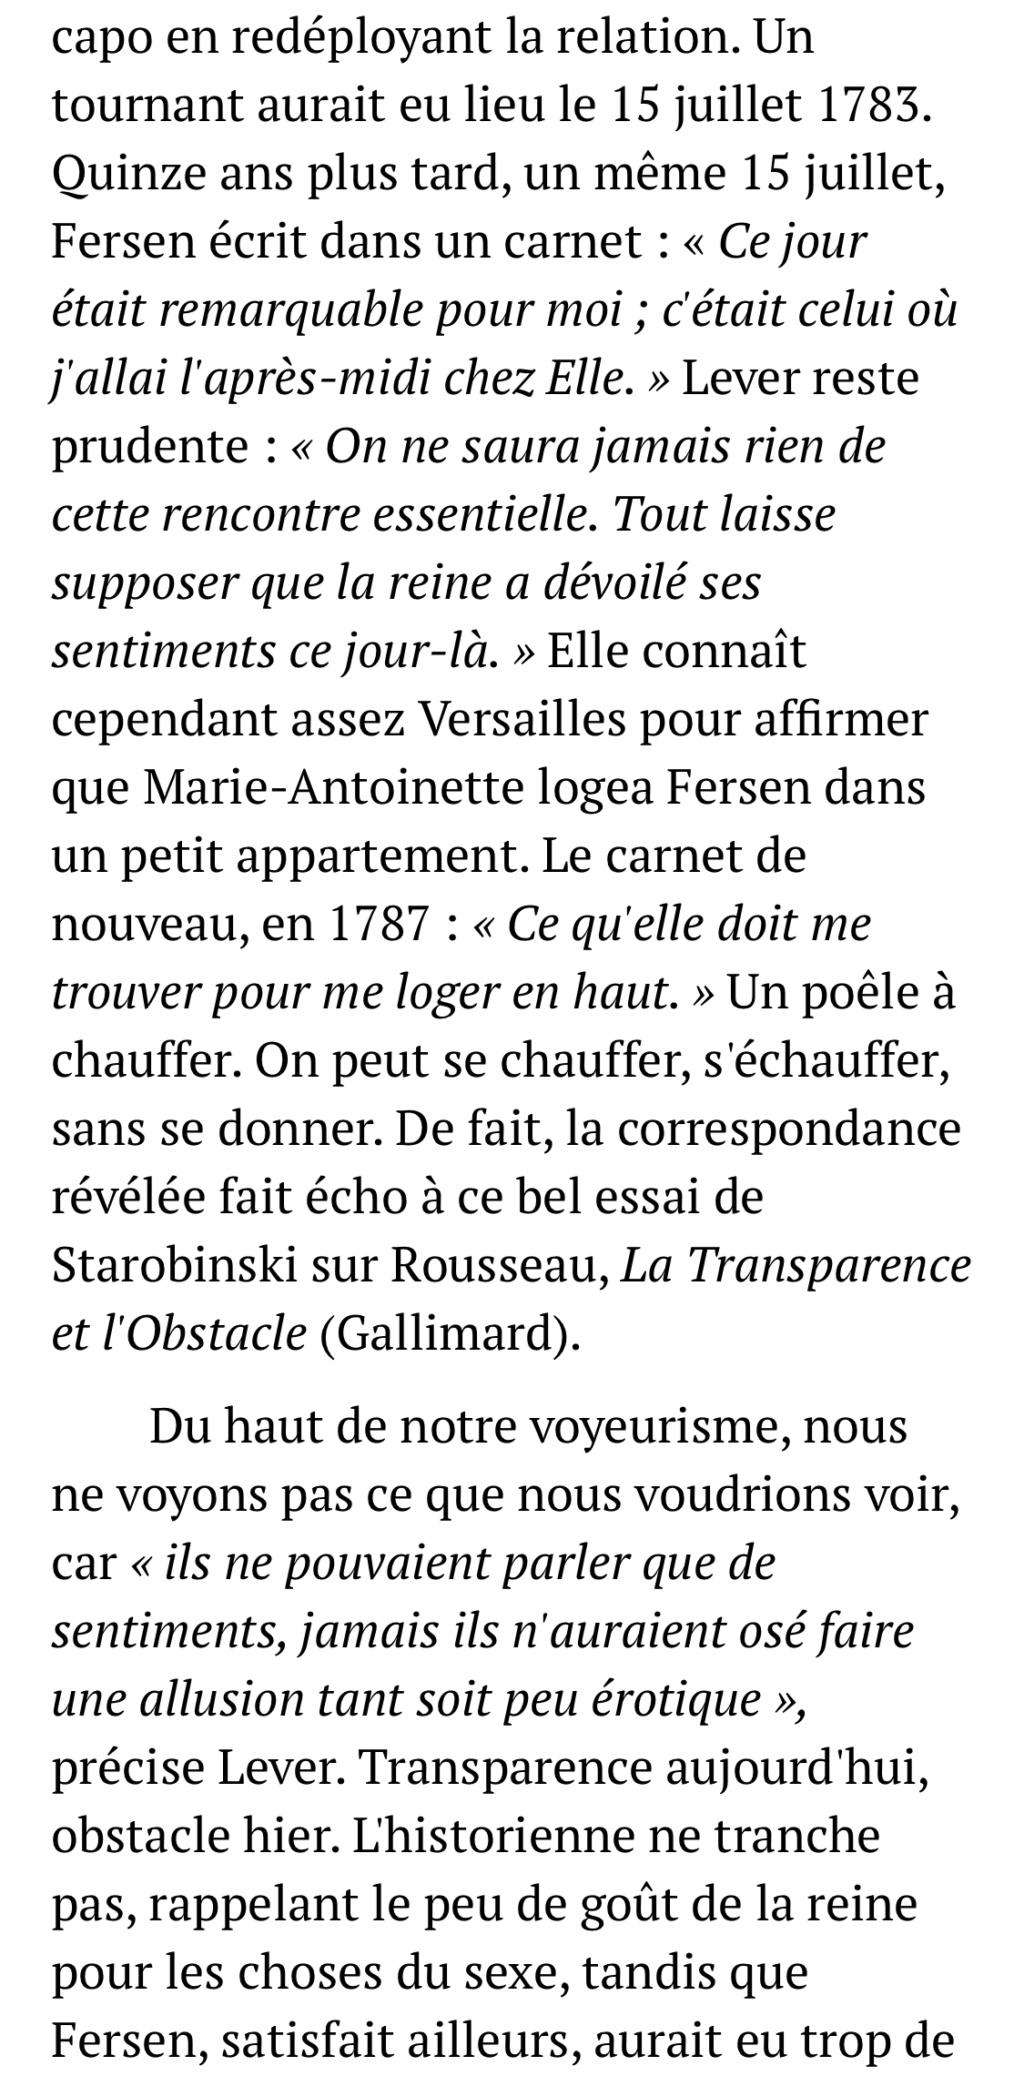 Evelyne Lever Fersen - D'Evelyne Lever, Le grand amour de Marie-Antoinette, lettres secrètes de la reine et du comte de Fersen - Page 3 7275e810